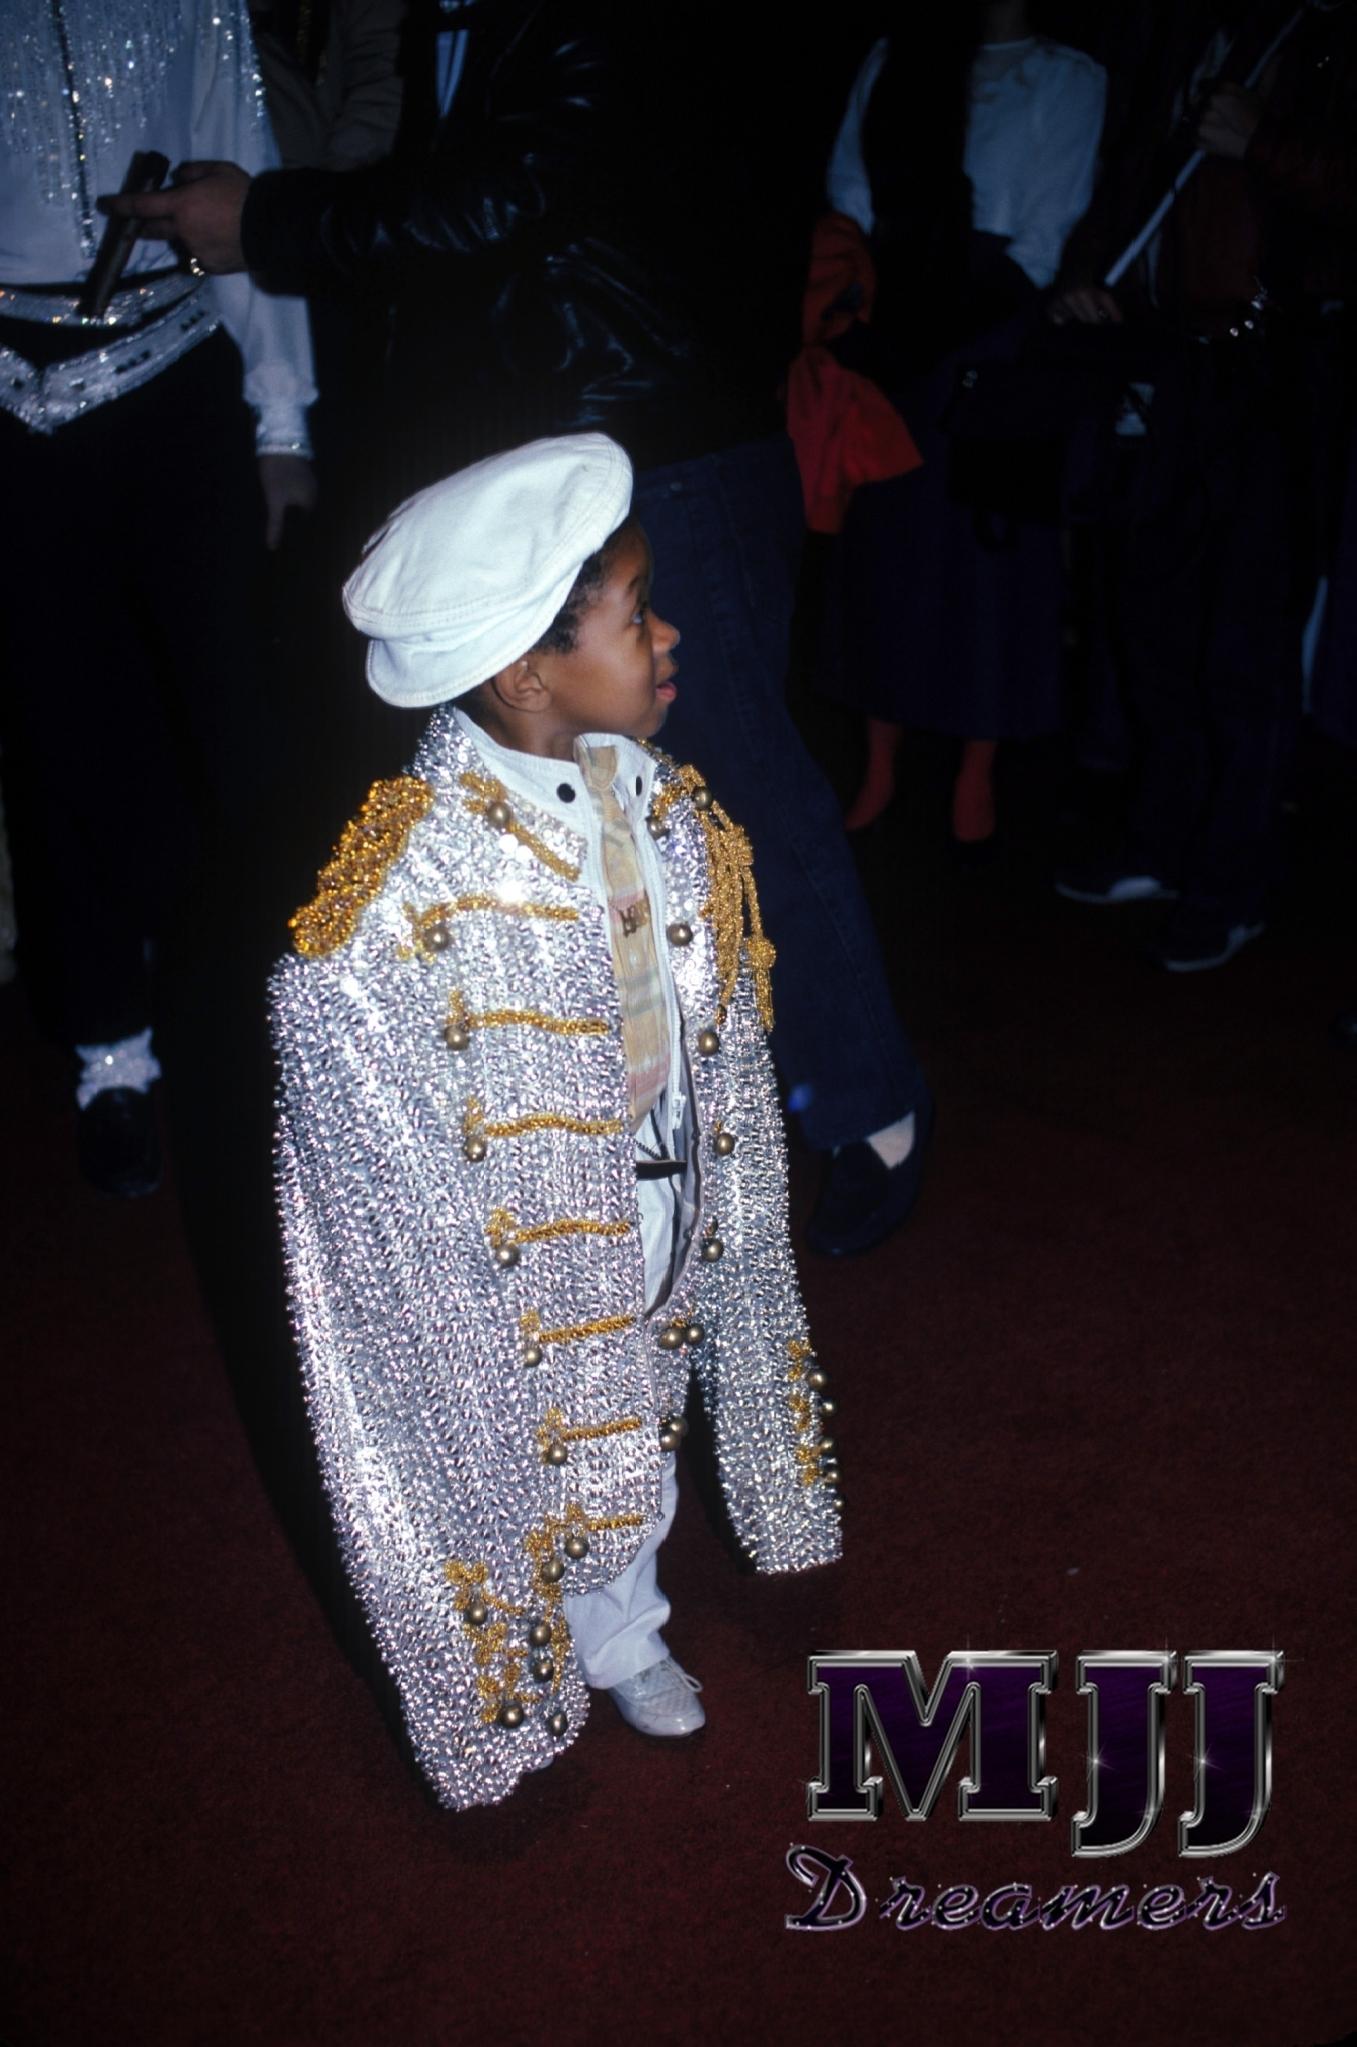 ahahaha Emmanuel Lewis with MJ जैकेट